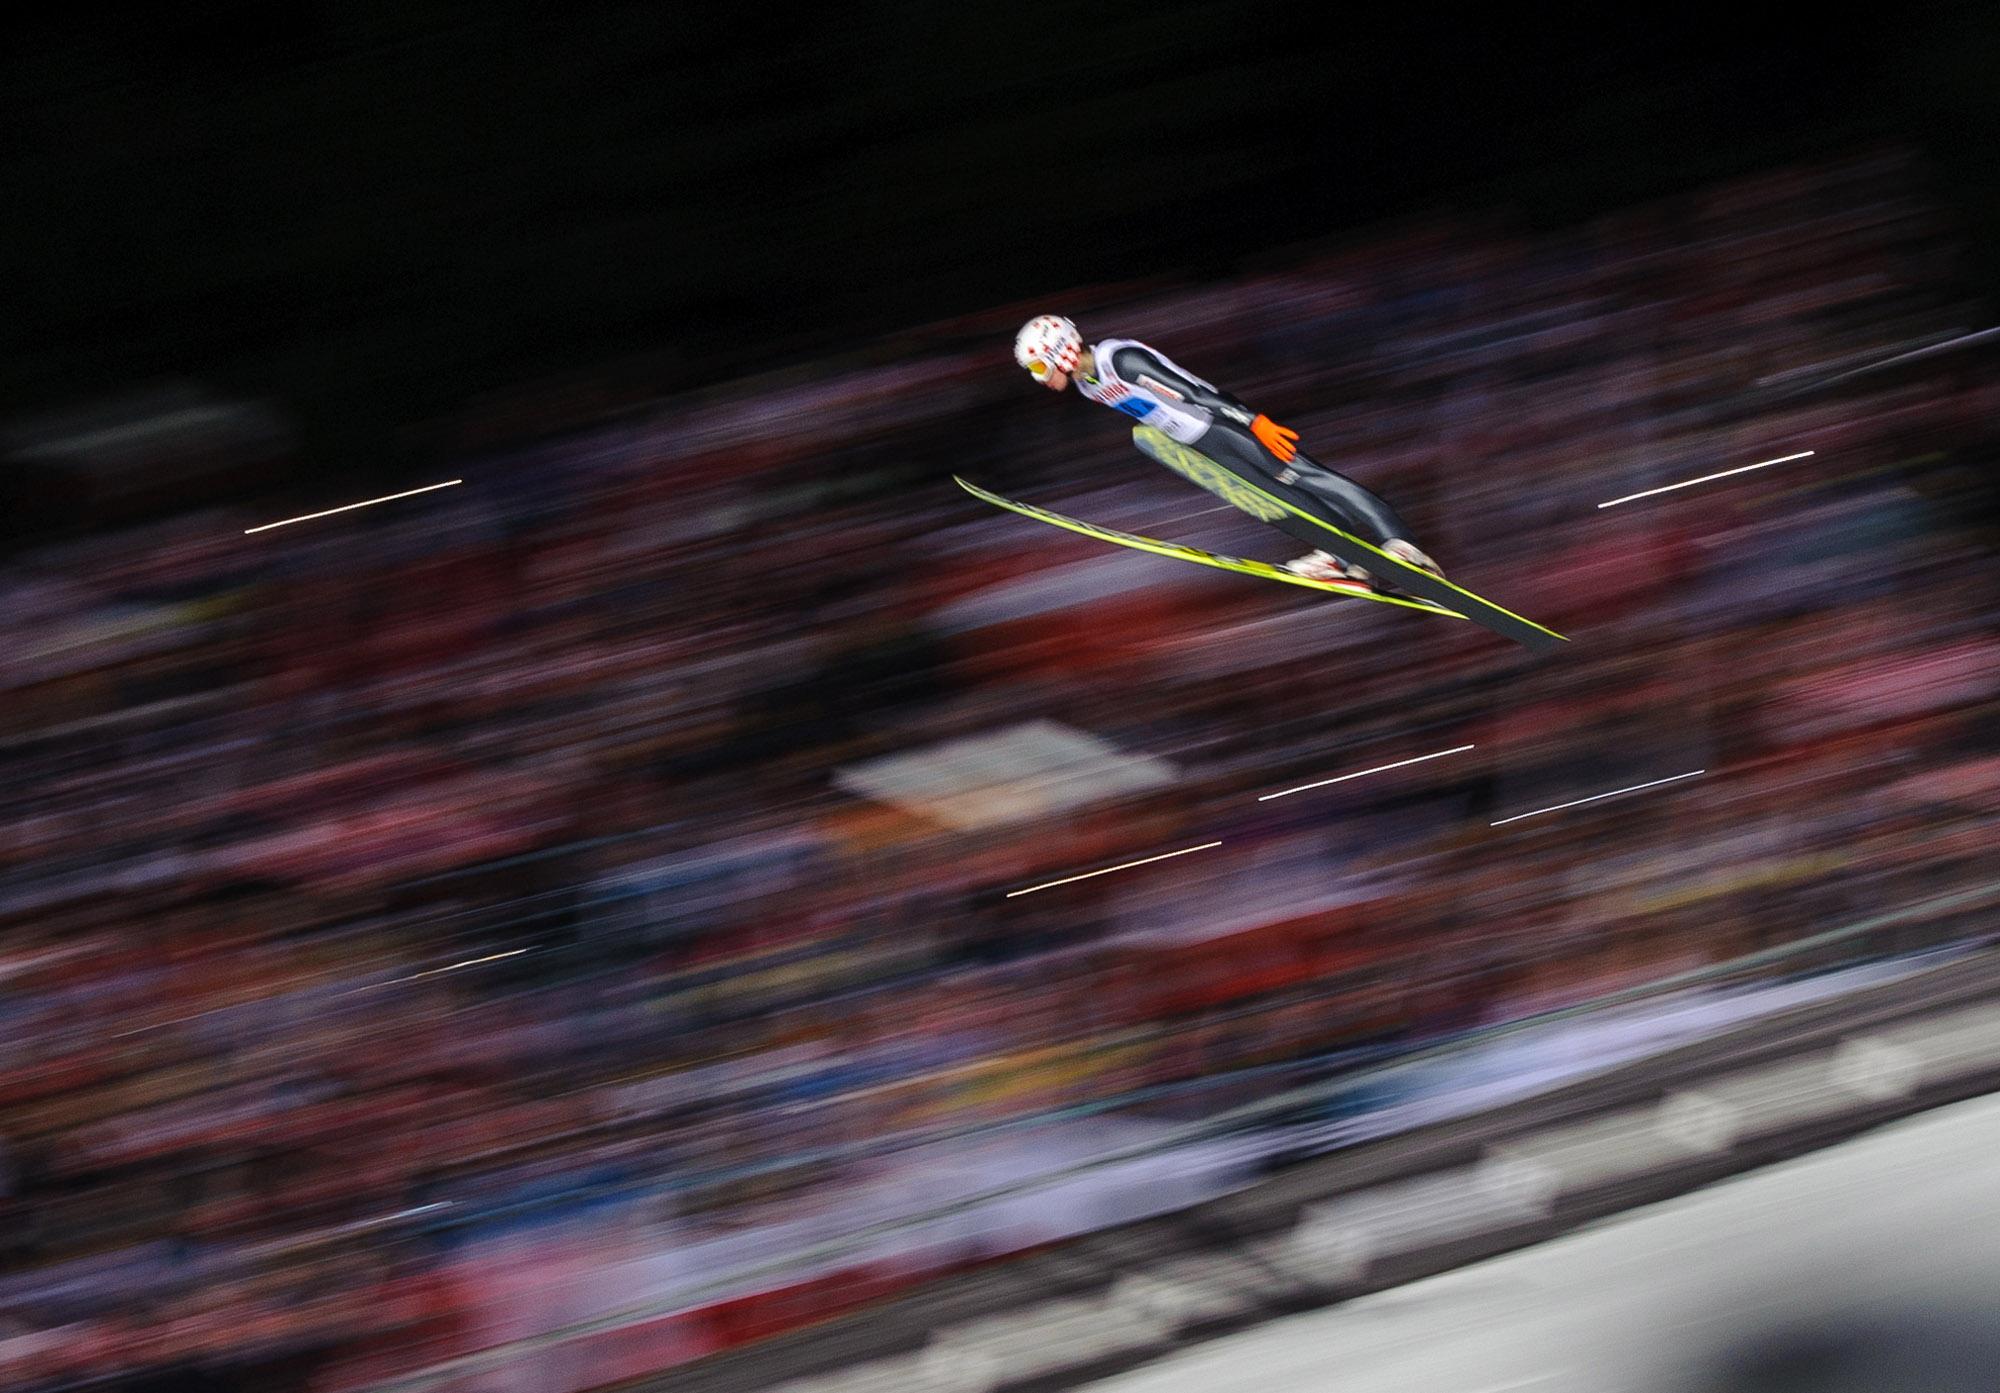 18.01.2014 Puchar Świata w skokach narciarskich w Zakopanem